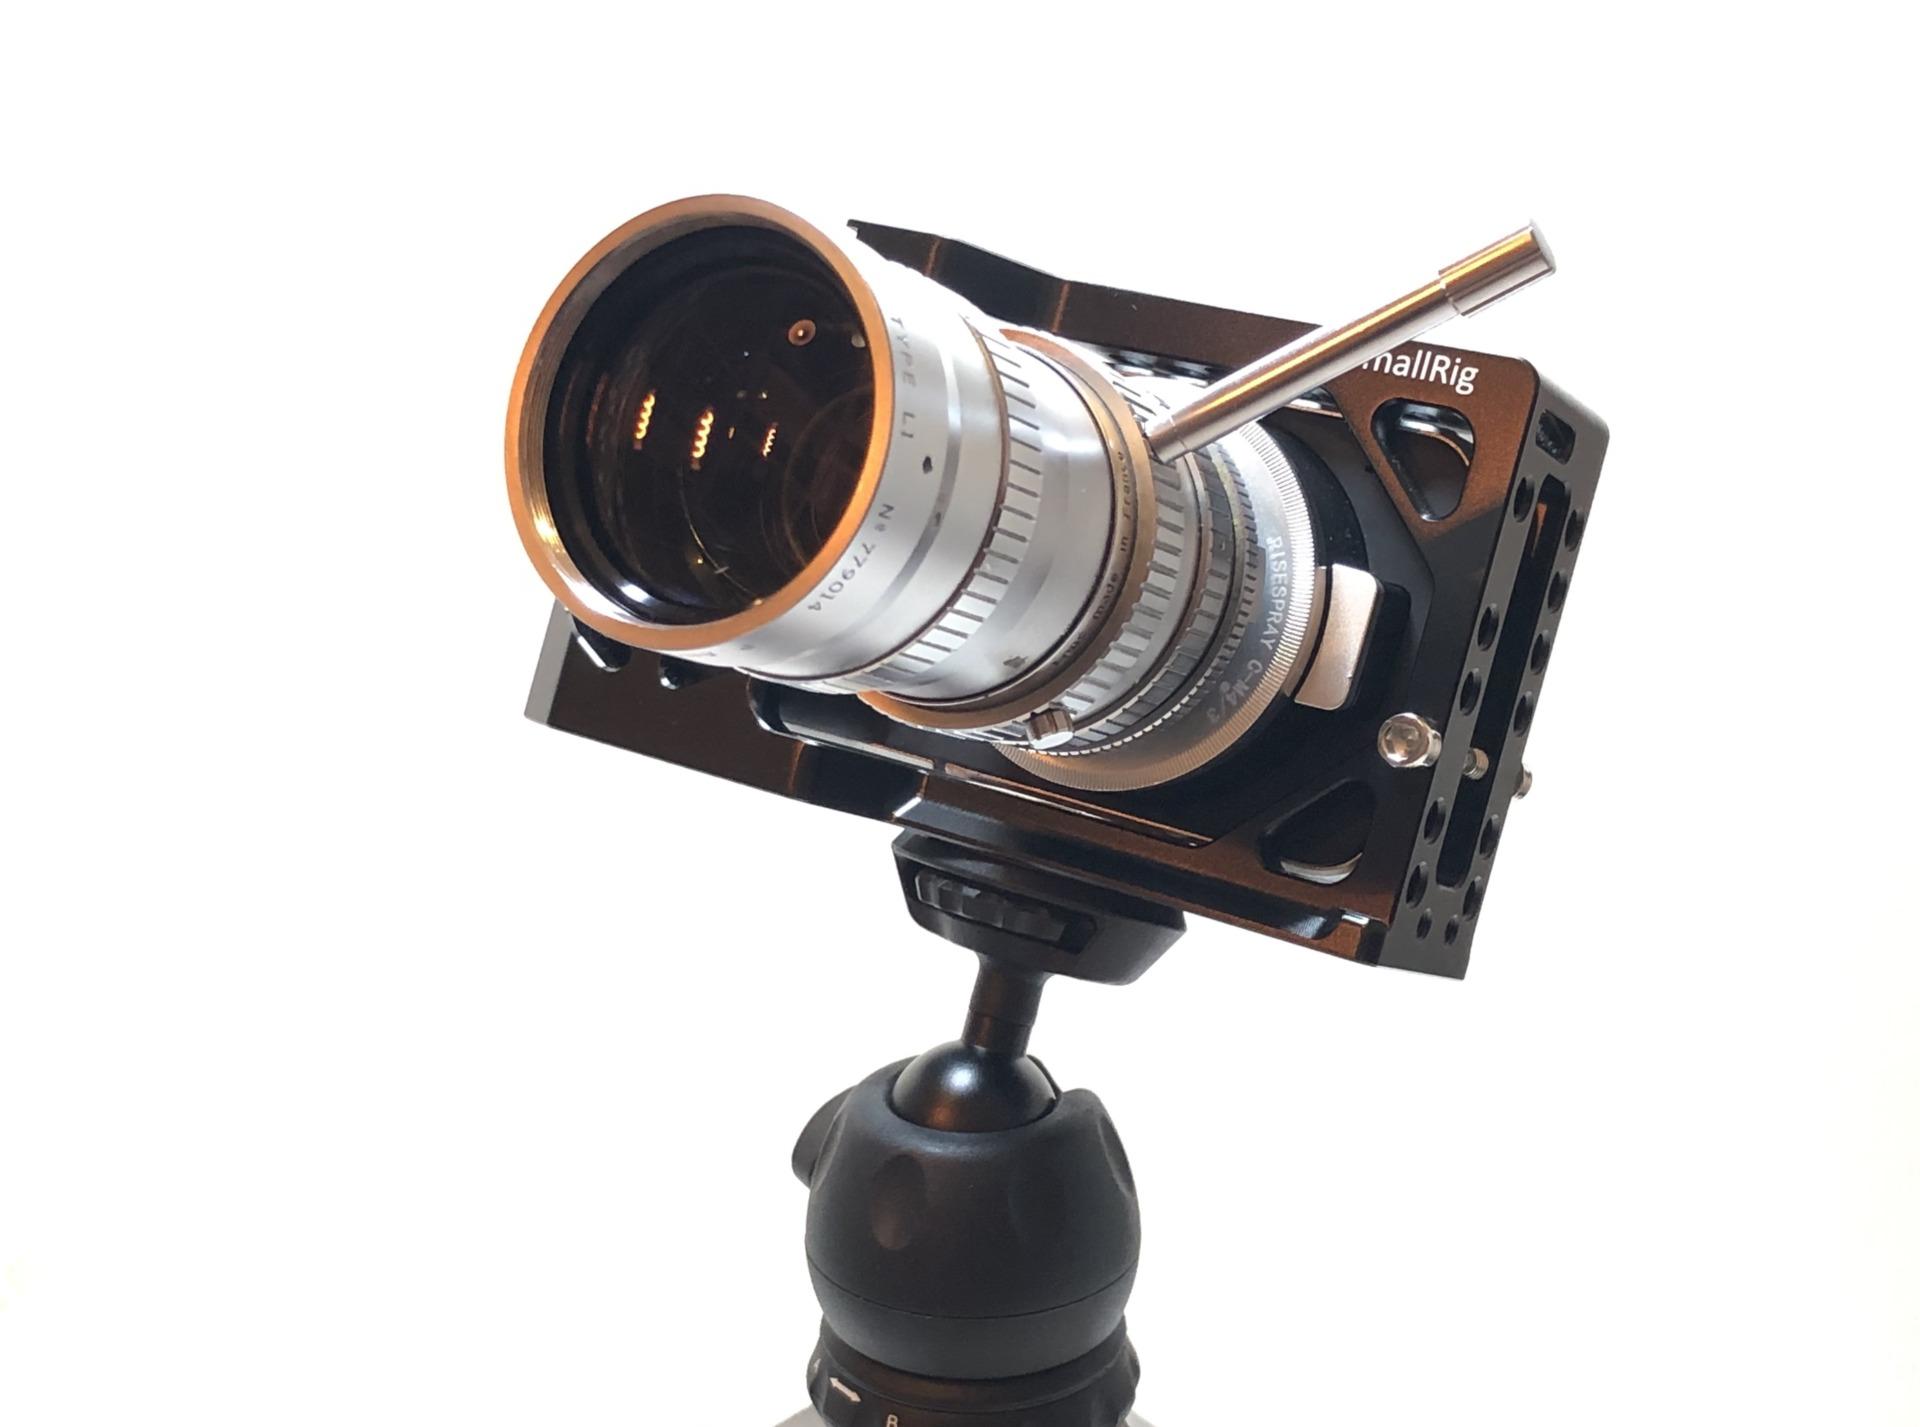 この2020年にあえて4Kも撮れない動画専用カメラBMPCC(初代)を買うことは結構ありじゃないかと思いました。